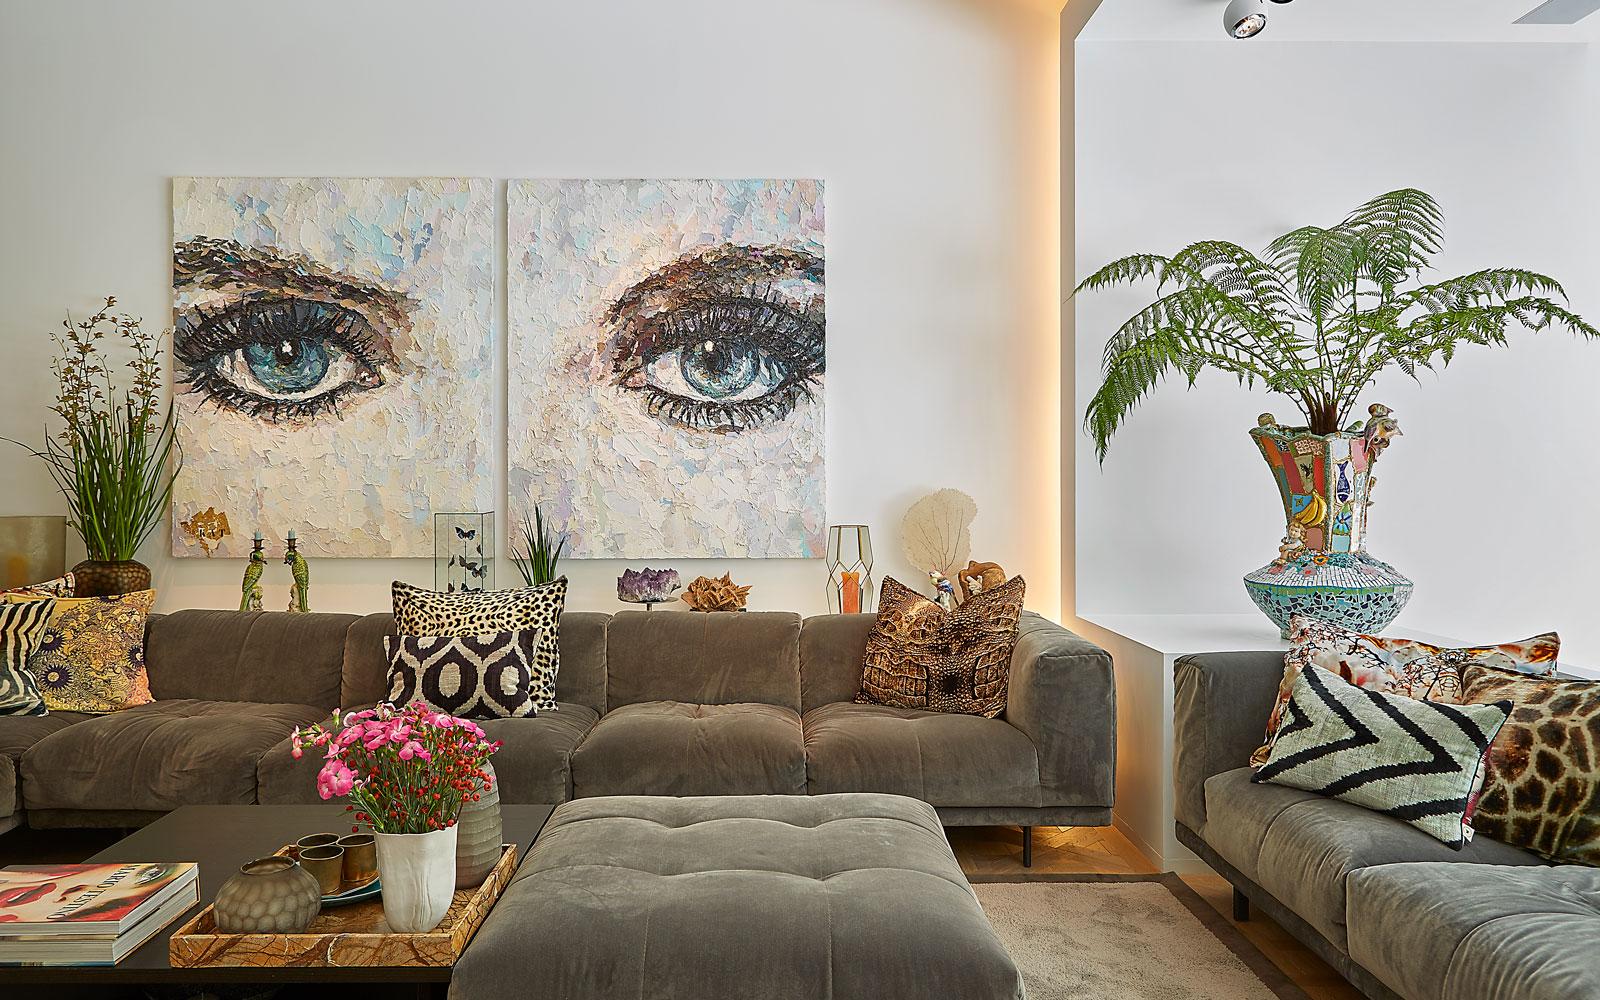 Hekker Interieurbouw, Edha Interieur, woonkamer, comfortabel, kunst, grachtenpand, Bart van Wijk